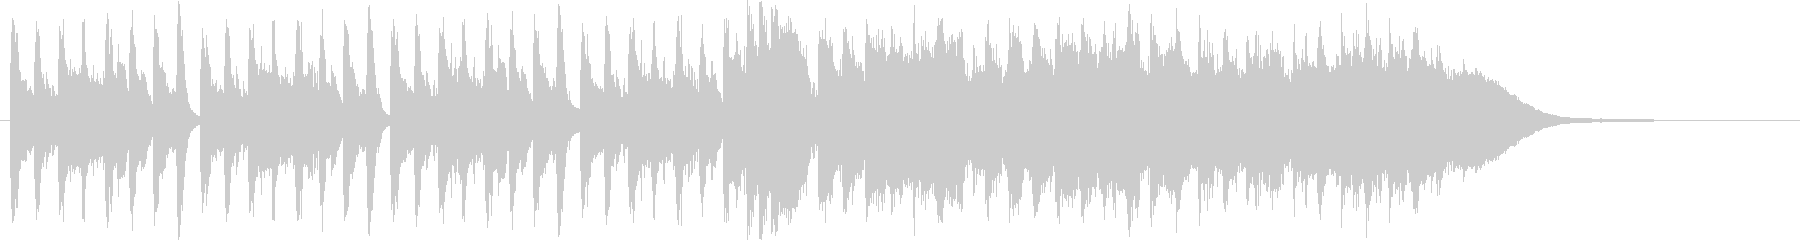 小編成オーケストラ(30秒)の未再生の波形